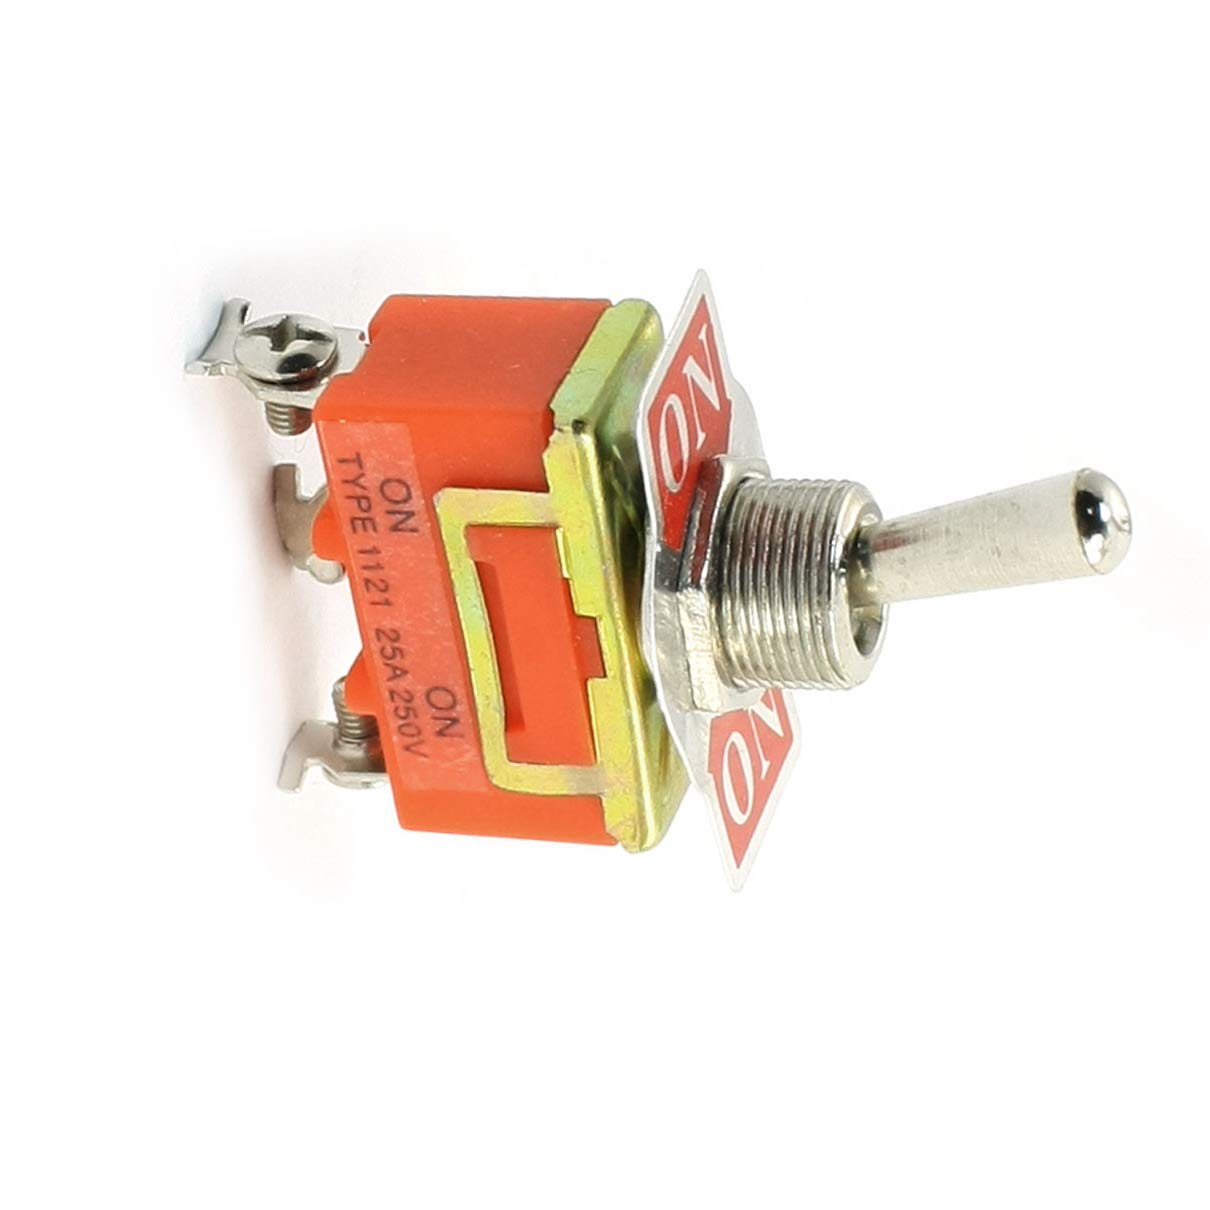 Aexit Palanca de oscilaci/ón del conmutador de palanca SPDT ON ON 2 model: J3951VIX-8459KO Posiciones 250V 25A